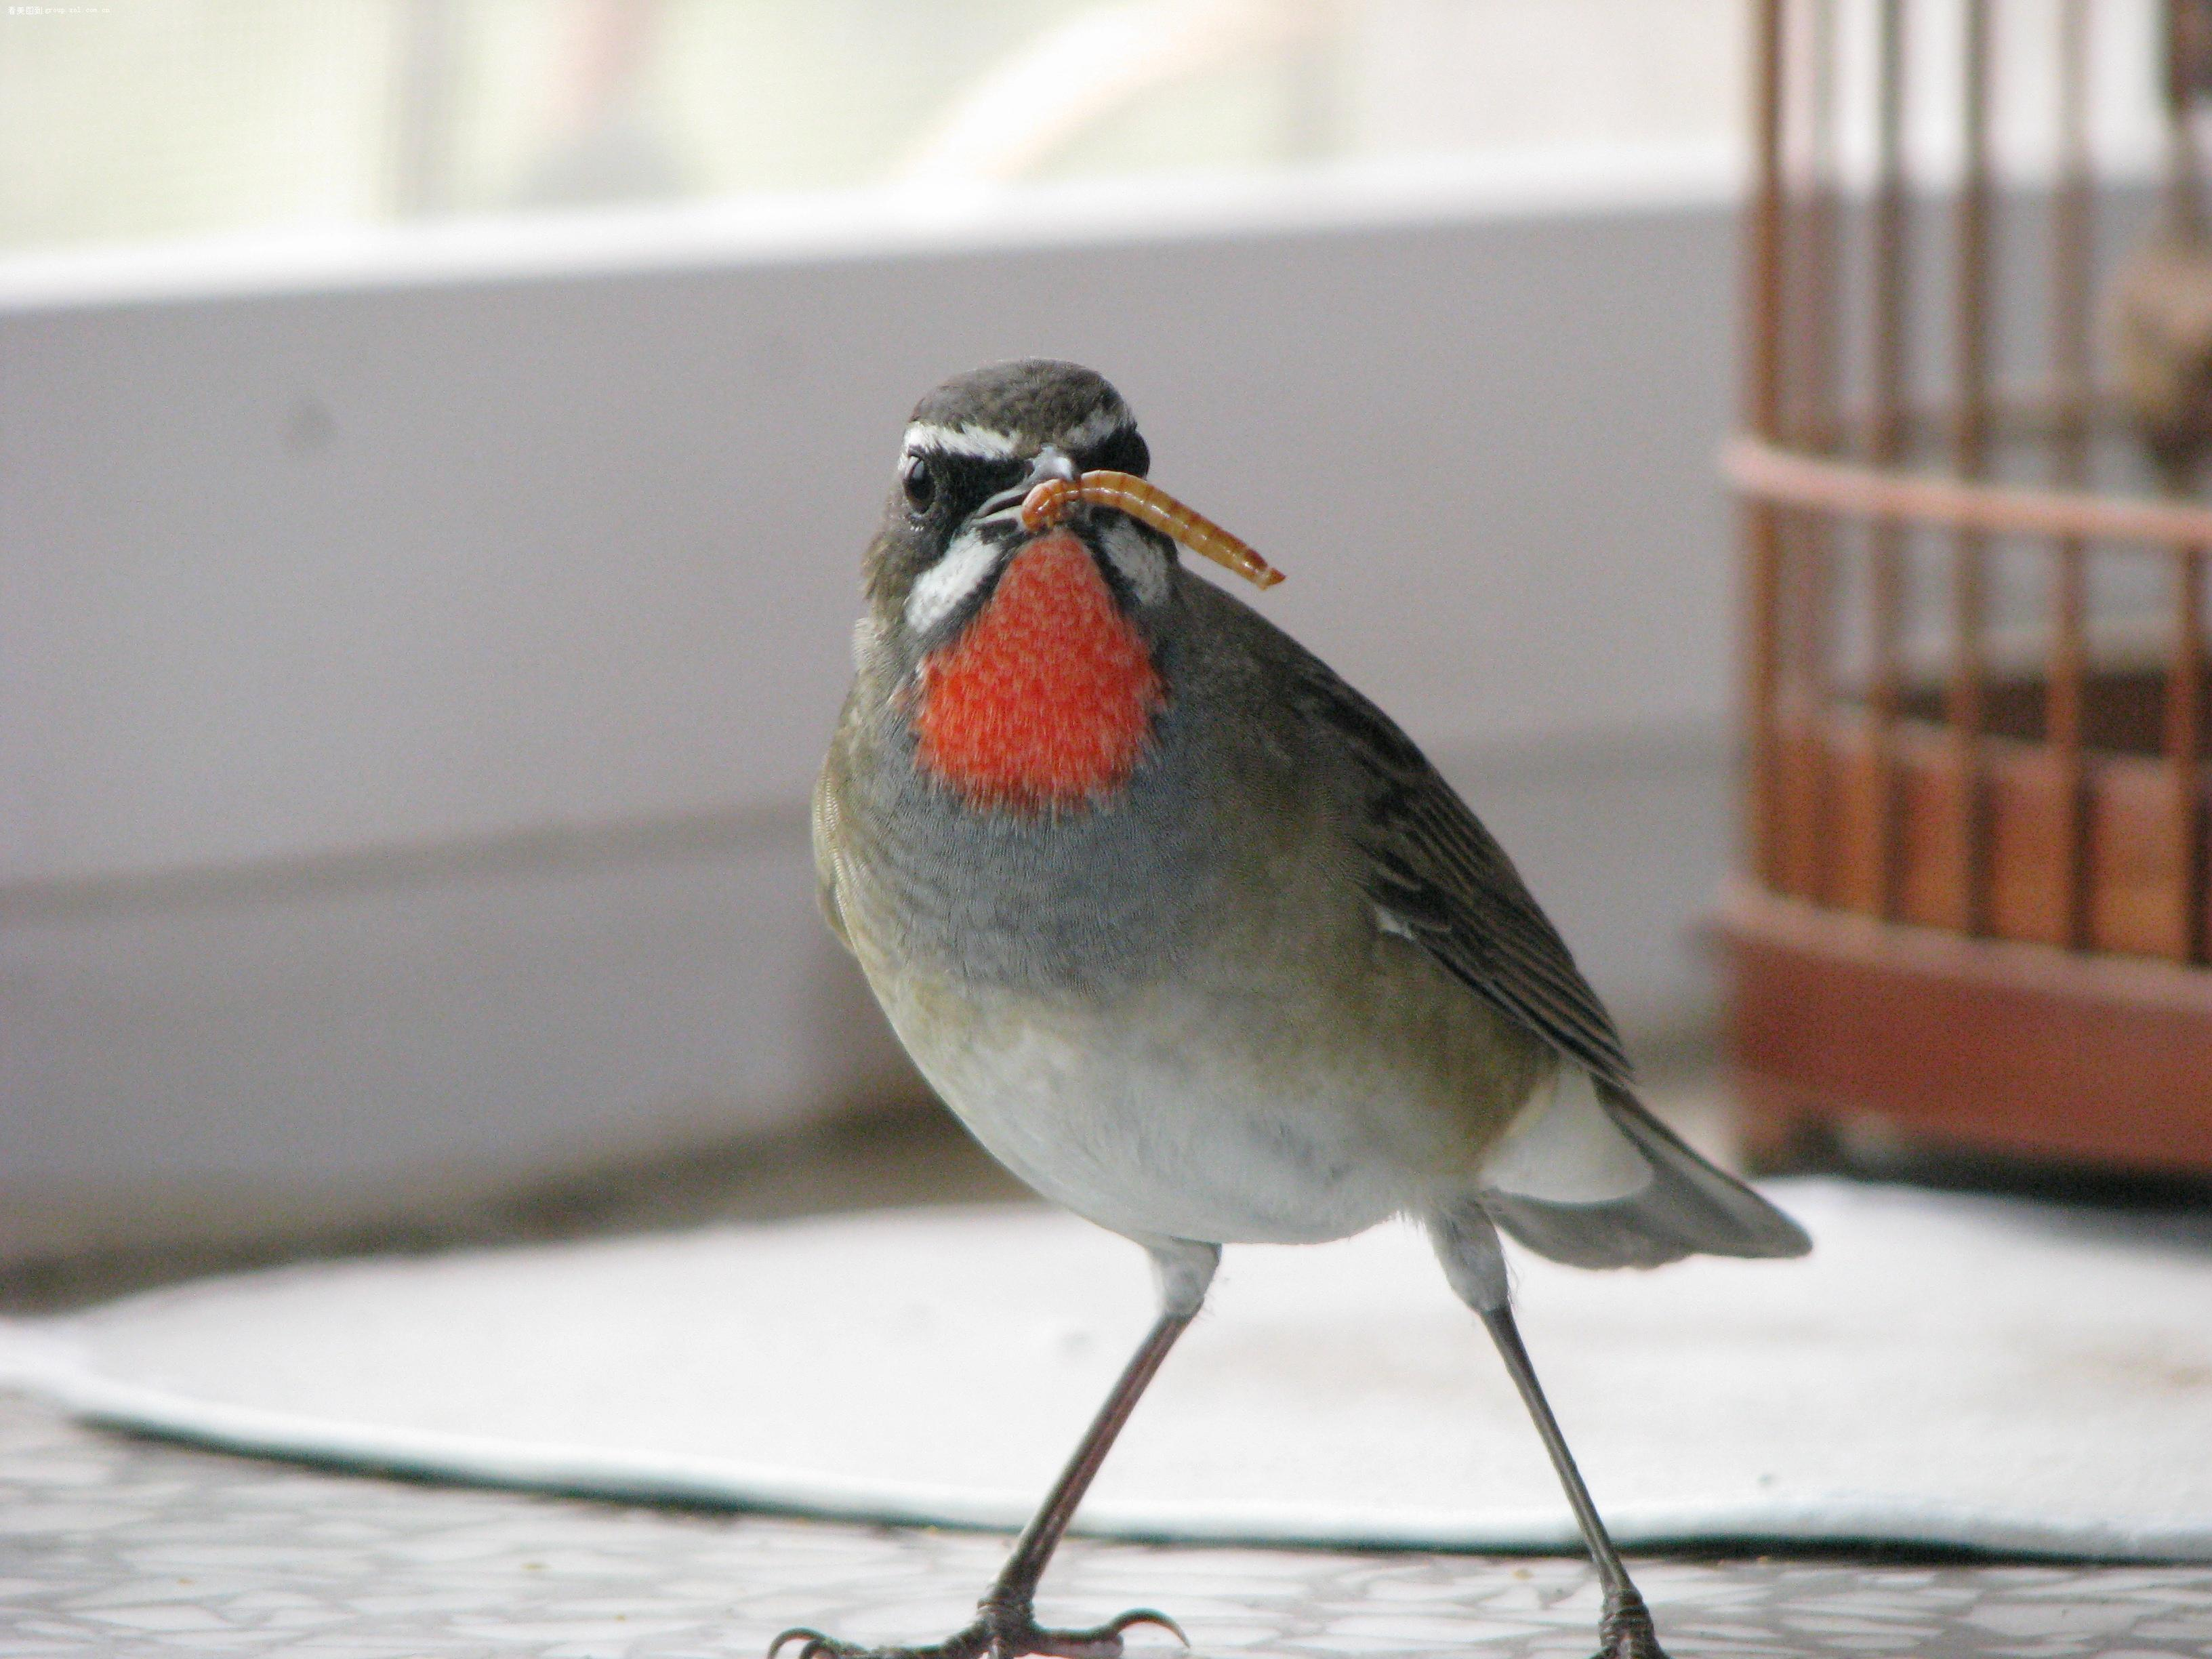 【小鸡吃虫~~】-动物植物-数码摄影论坛-zol中关村